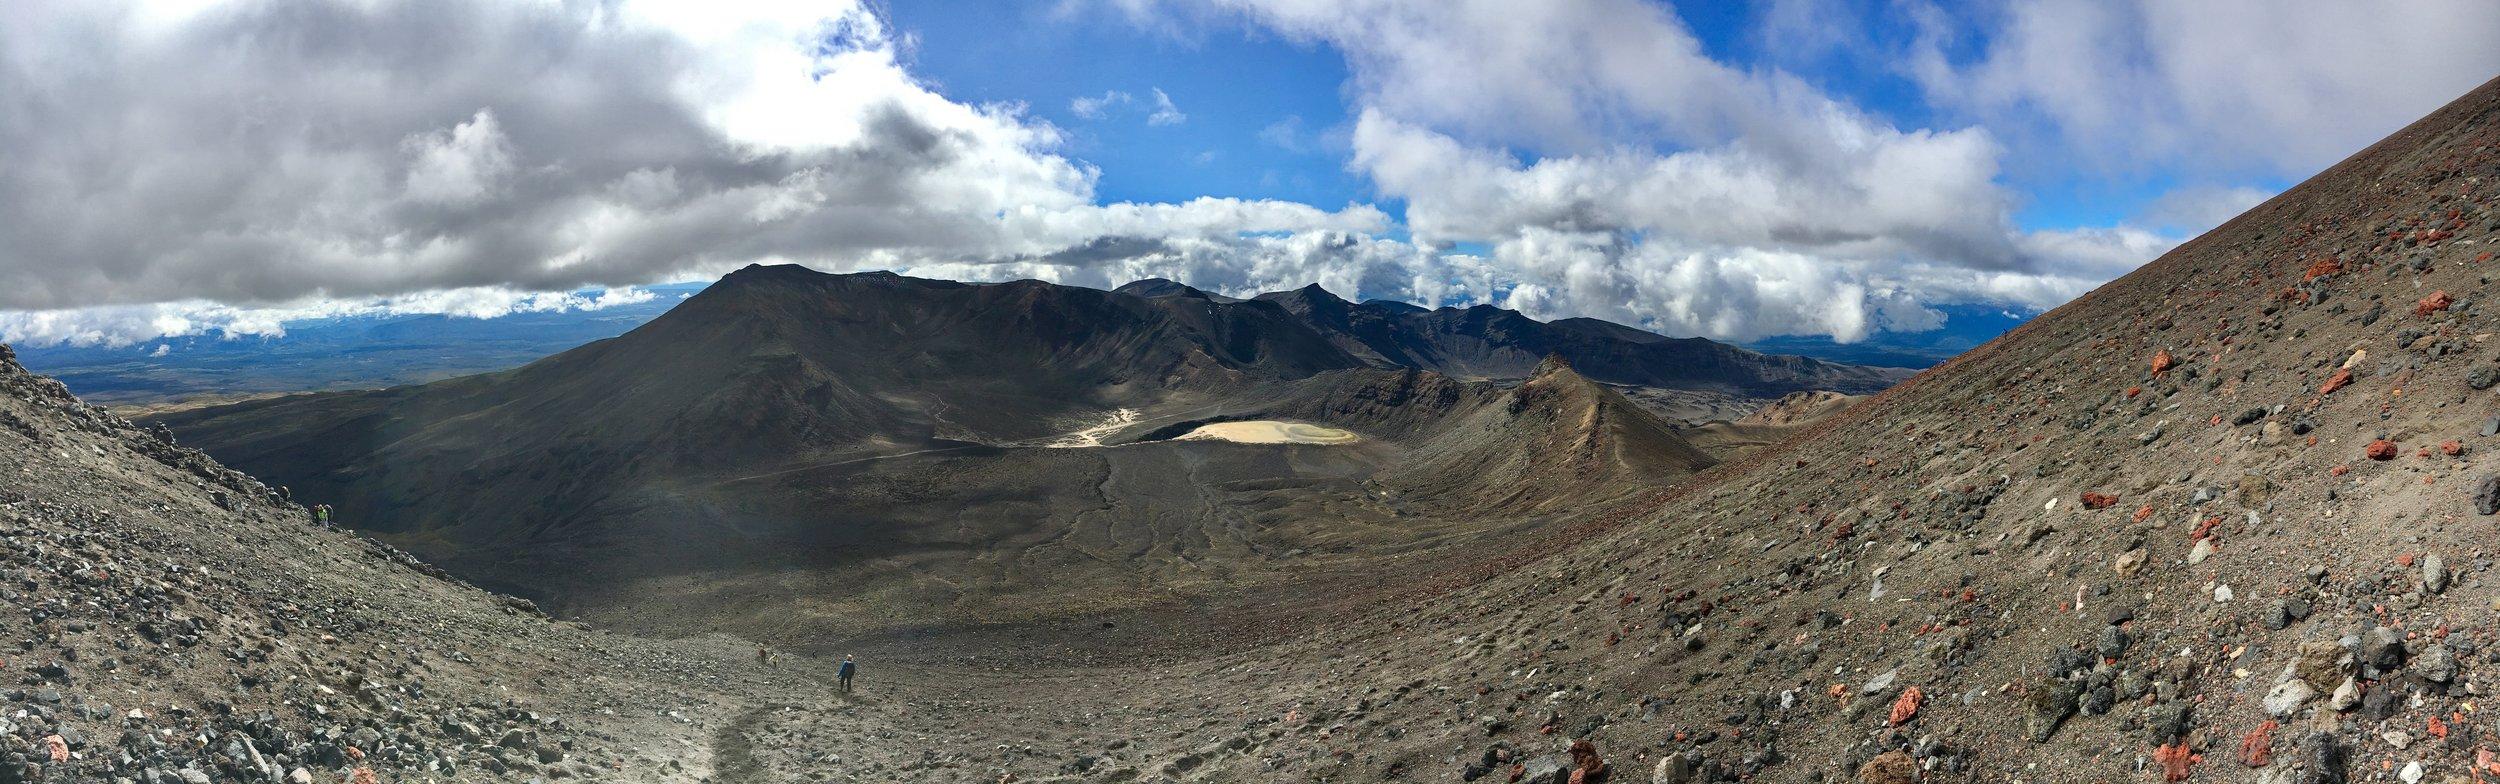 Cinder slopes